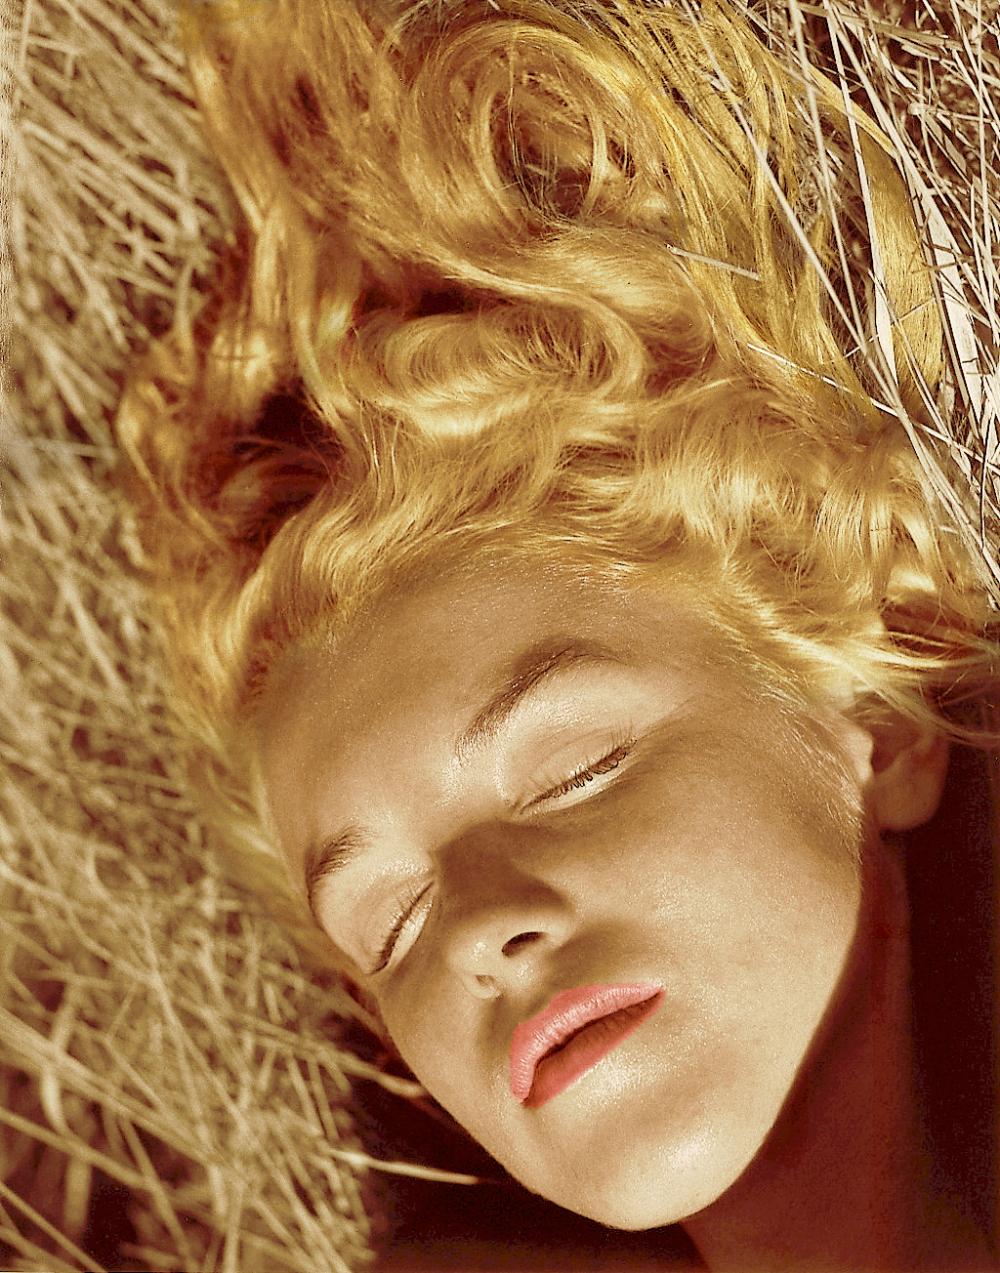 Marilyn by Andre De Dienes